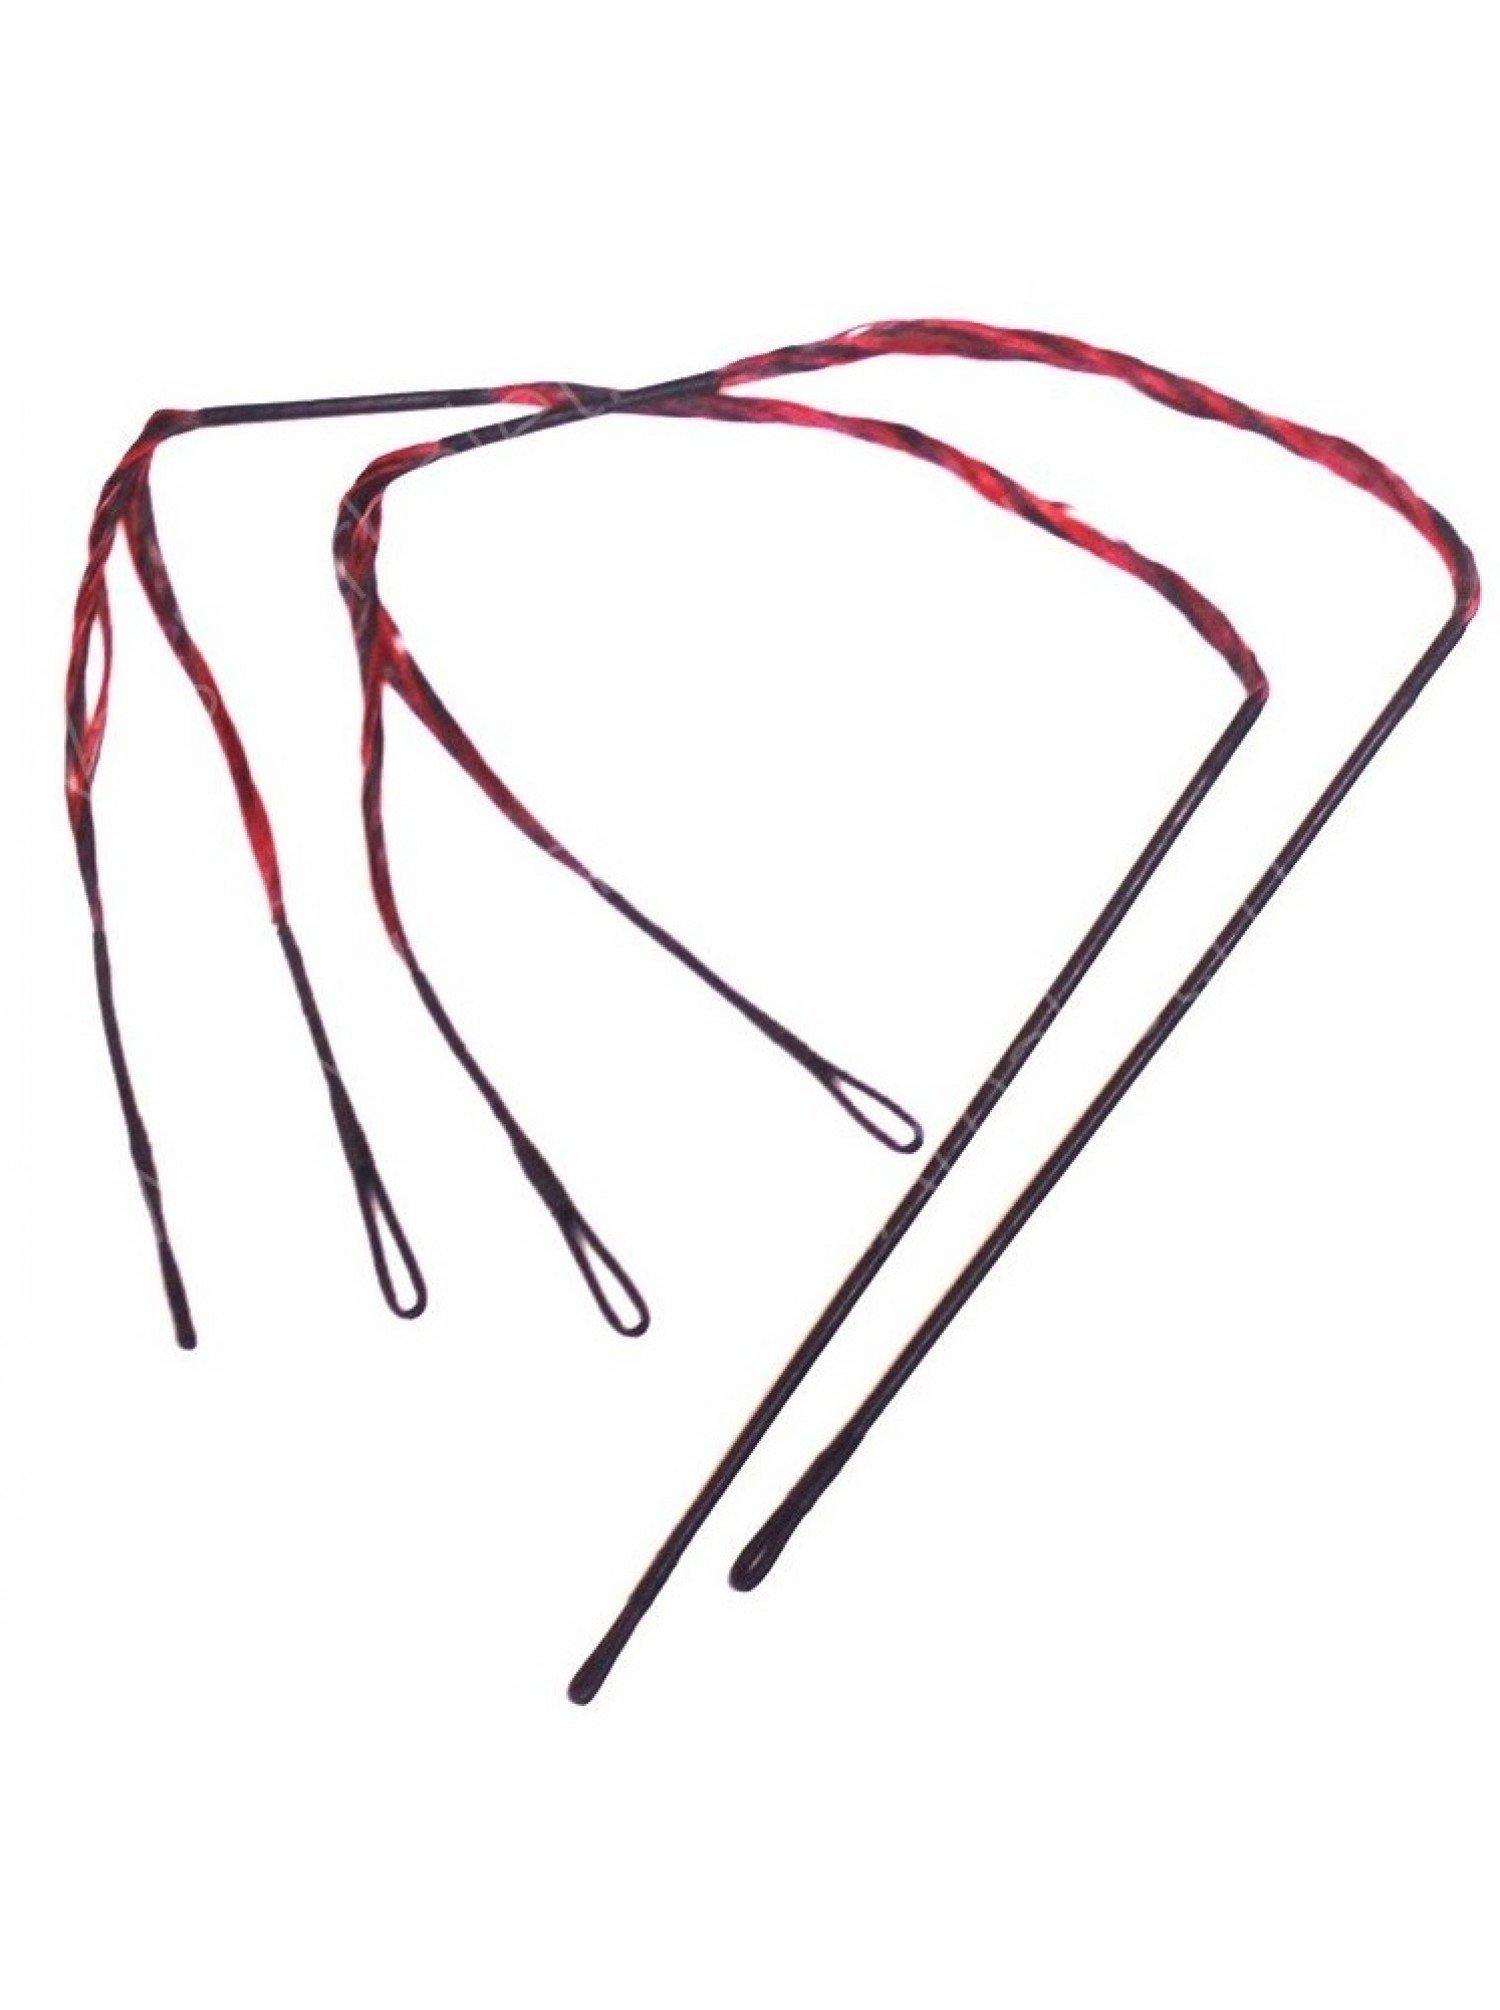 Набор тросов для арбалета MK-380 01978